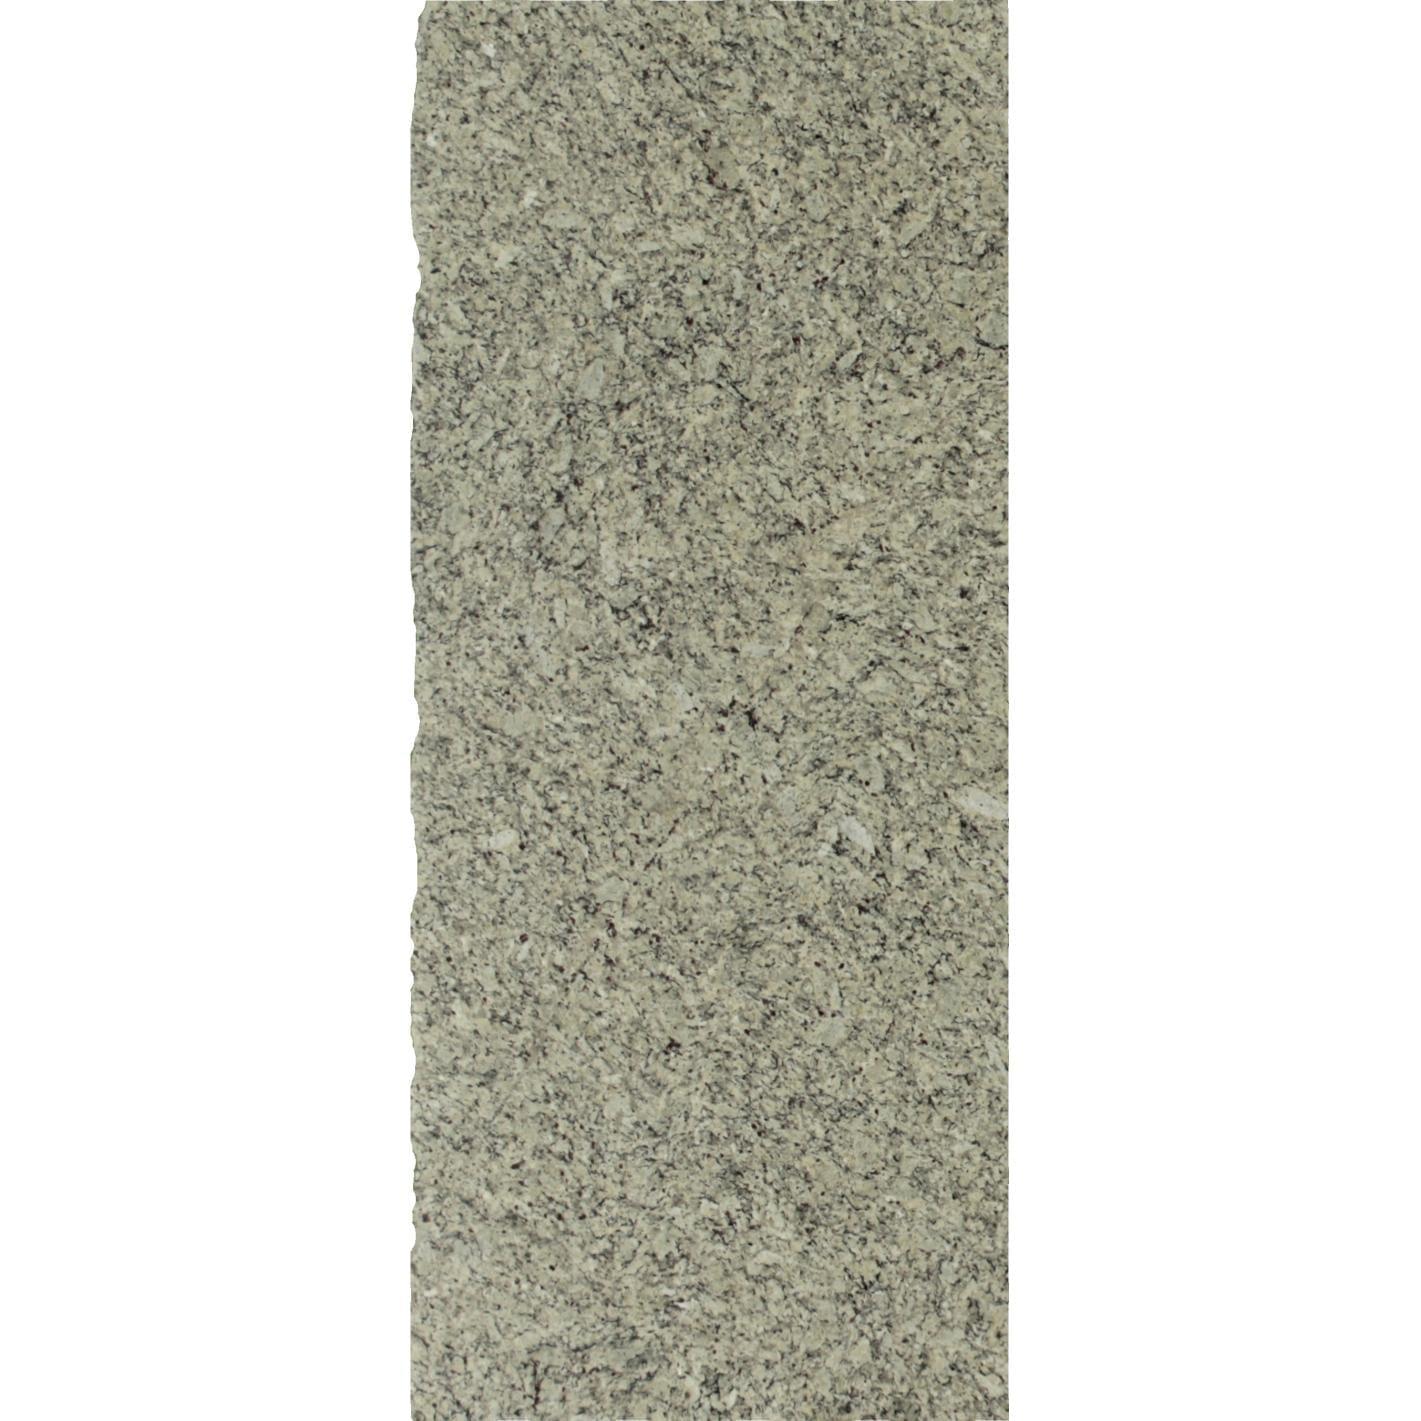 Image for Granite 20425-1: Blanco Tulum